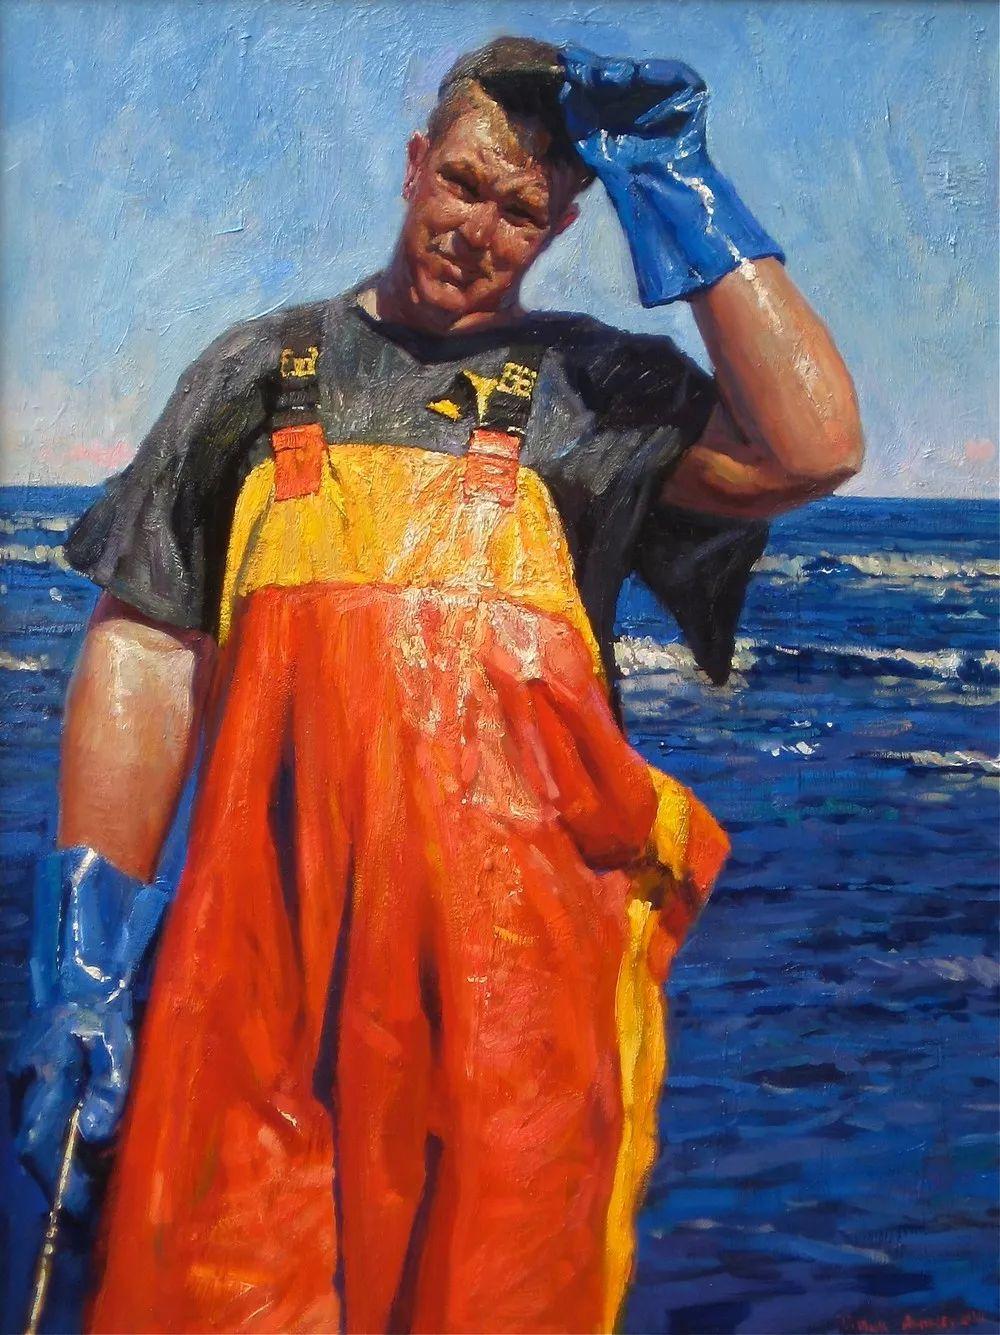 浓郁的色彩,俄罗斯艺术家帖木儿·阿赫列耶夫插图55